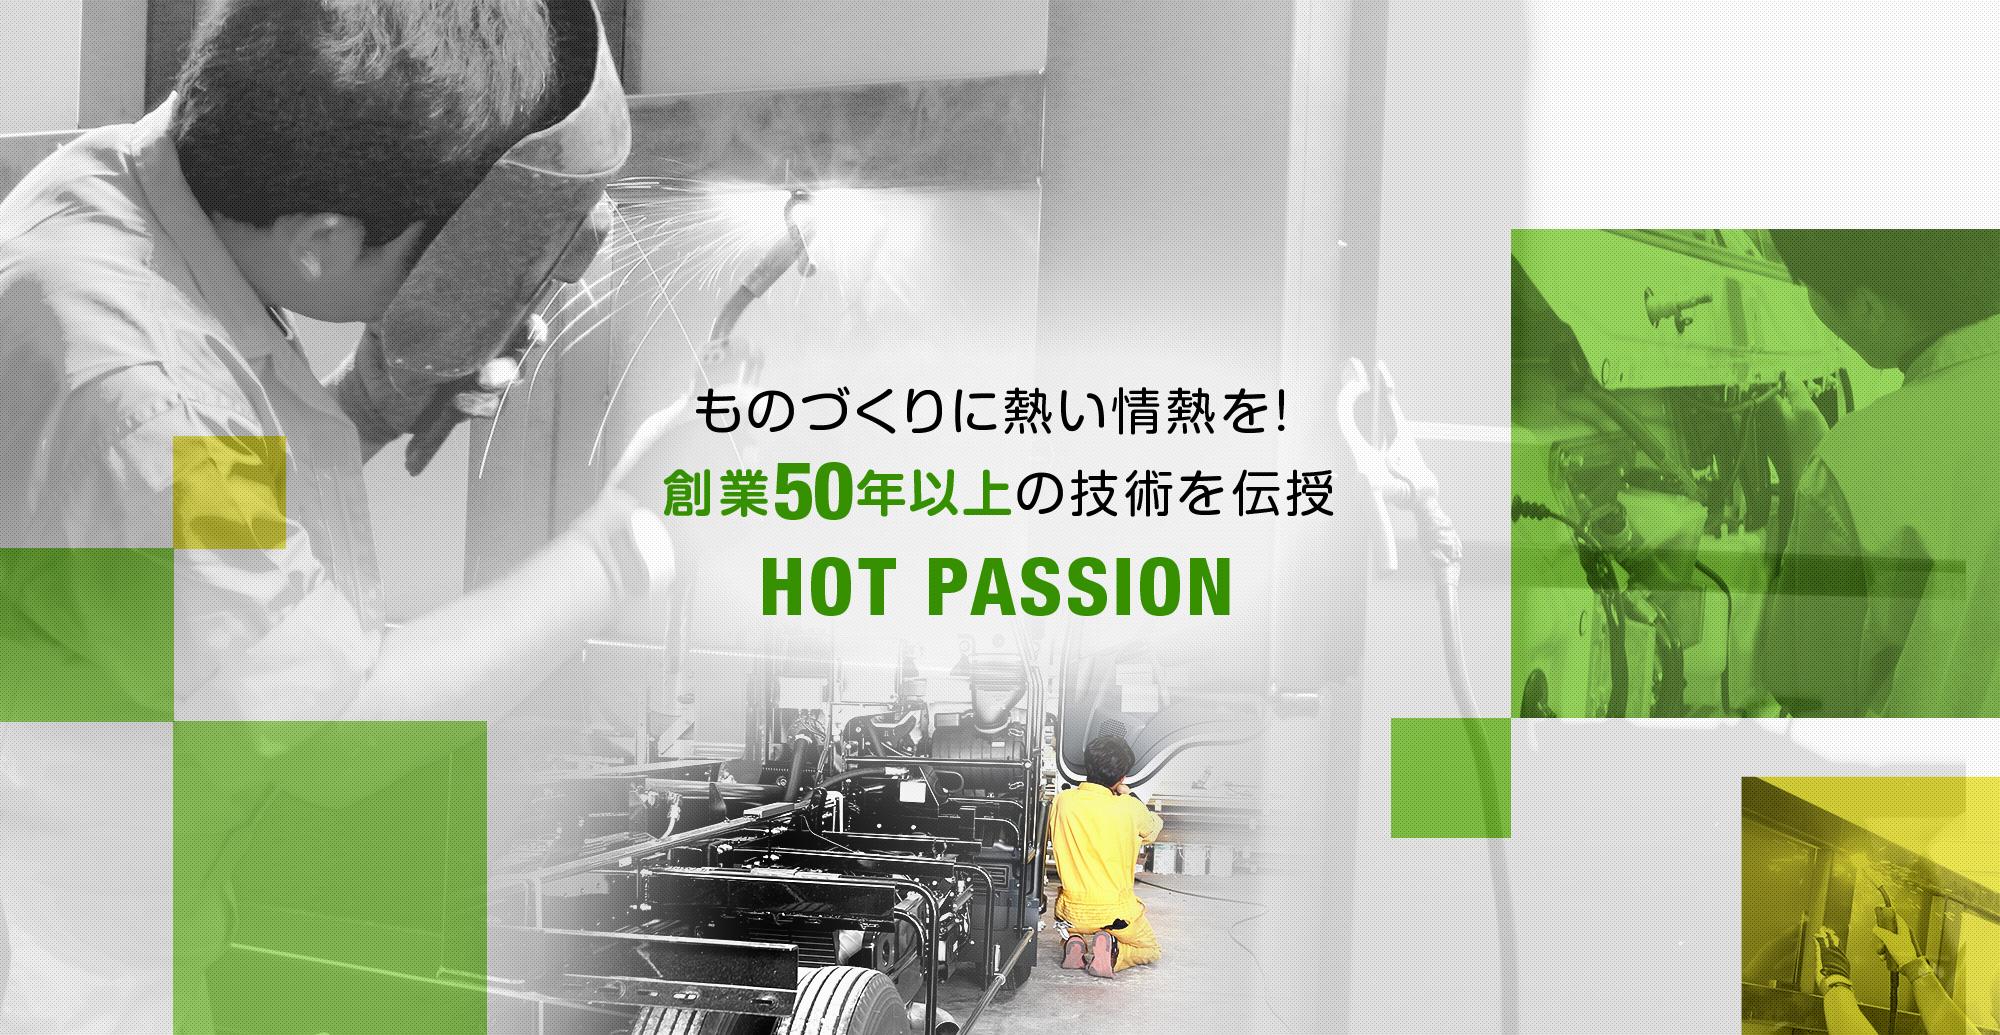 ものづくりに熱い情熱を!創業50年以上の技術を伝授します